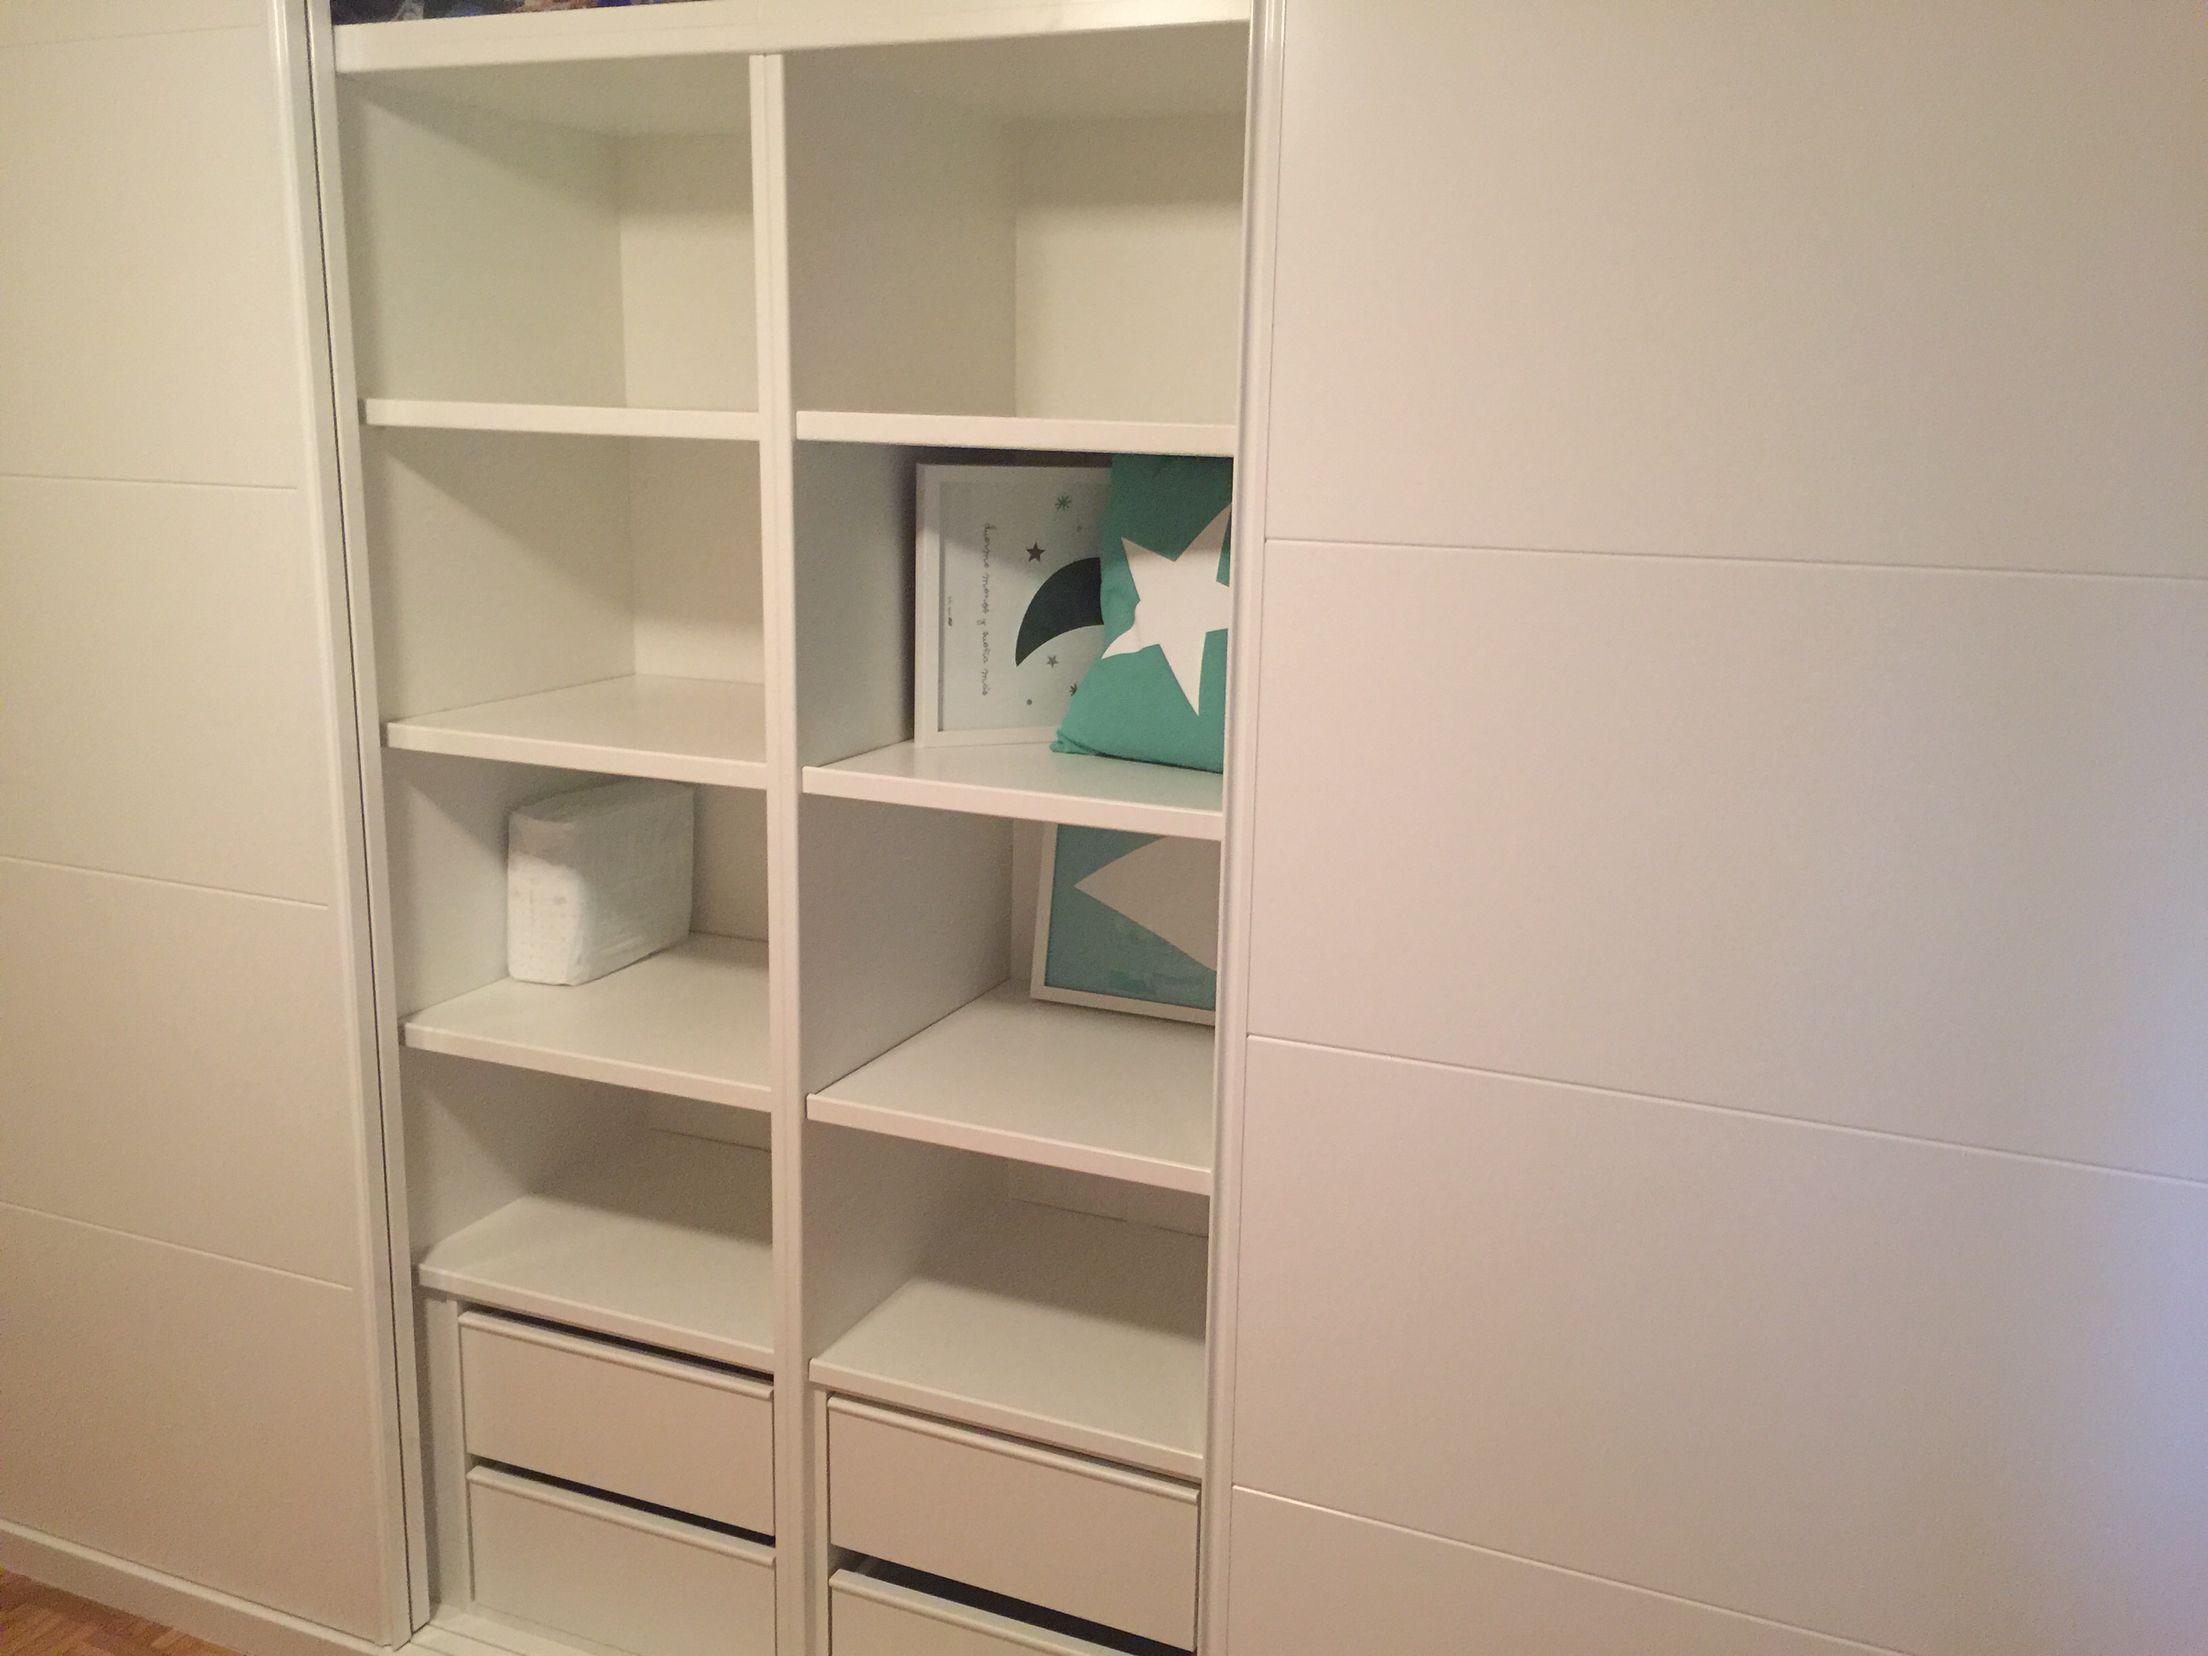 armario empotrado puertas correderas armario armario lavado puertas blancas habitacin infantil wardrove - Puertas Correderas Blancas